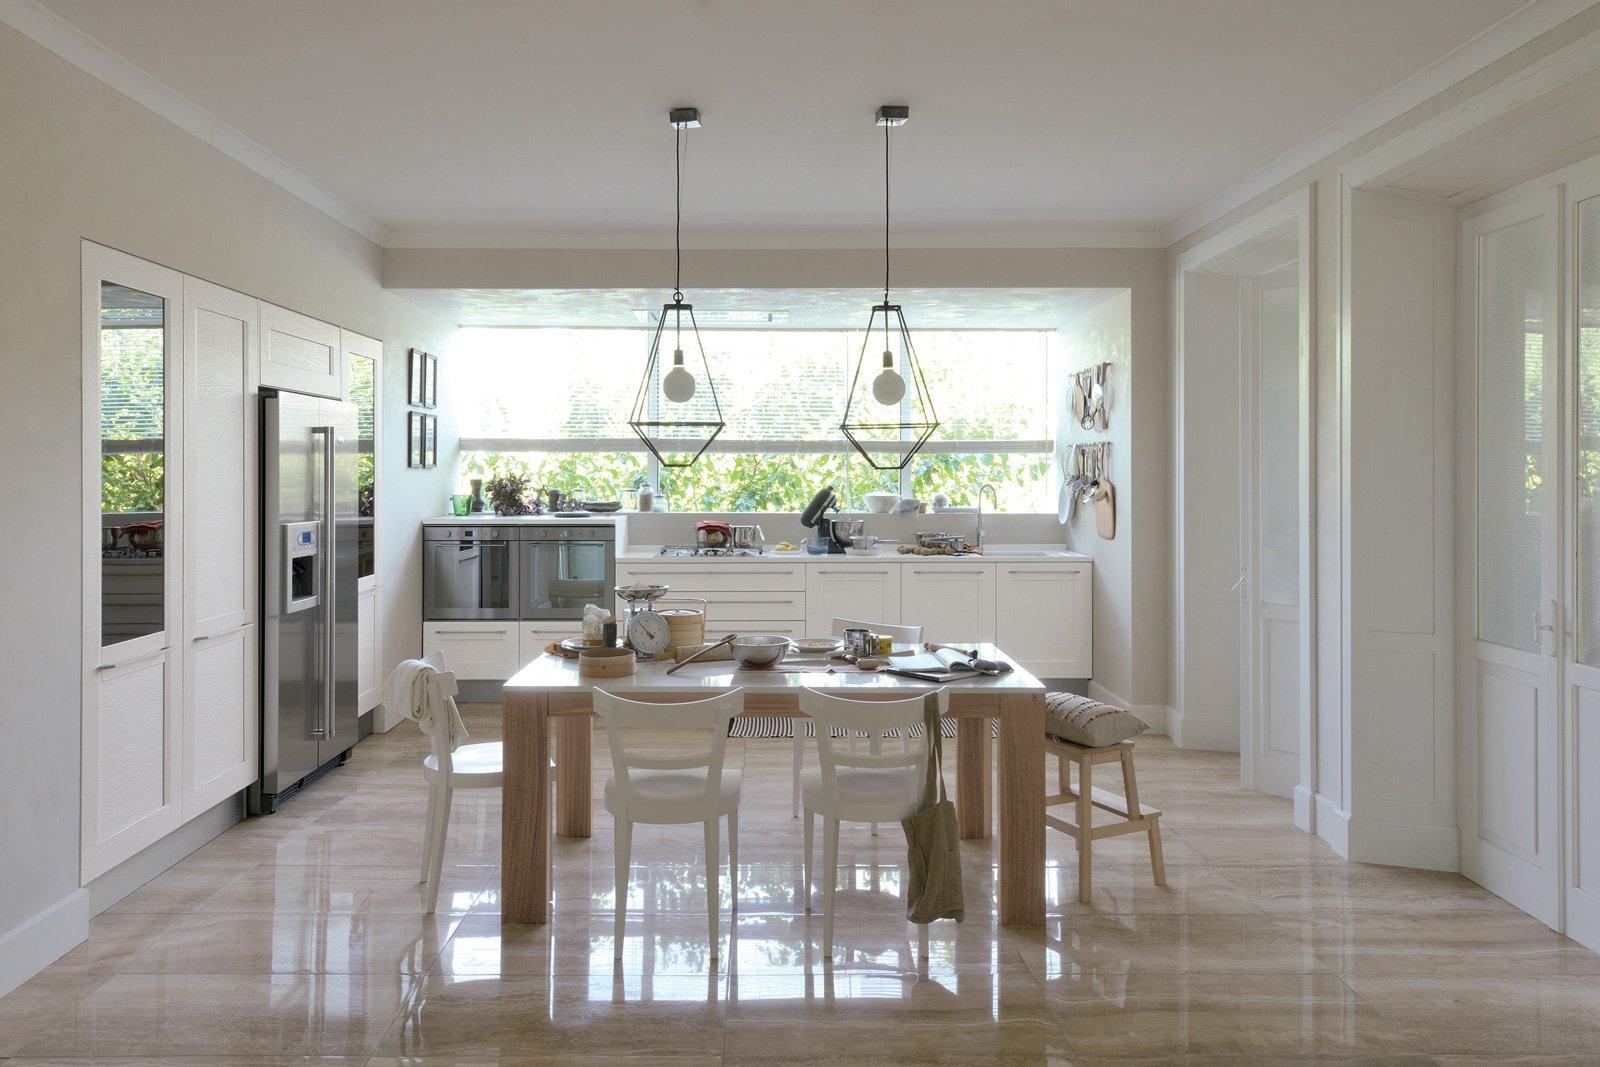 Cucine bianche e la stanza sembra pi grande e luminosa cose di casa - Colori pareti cucine moderne ...